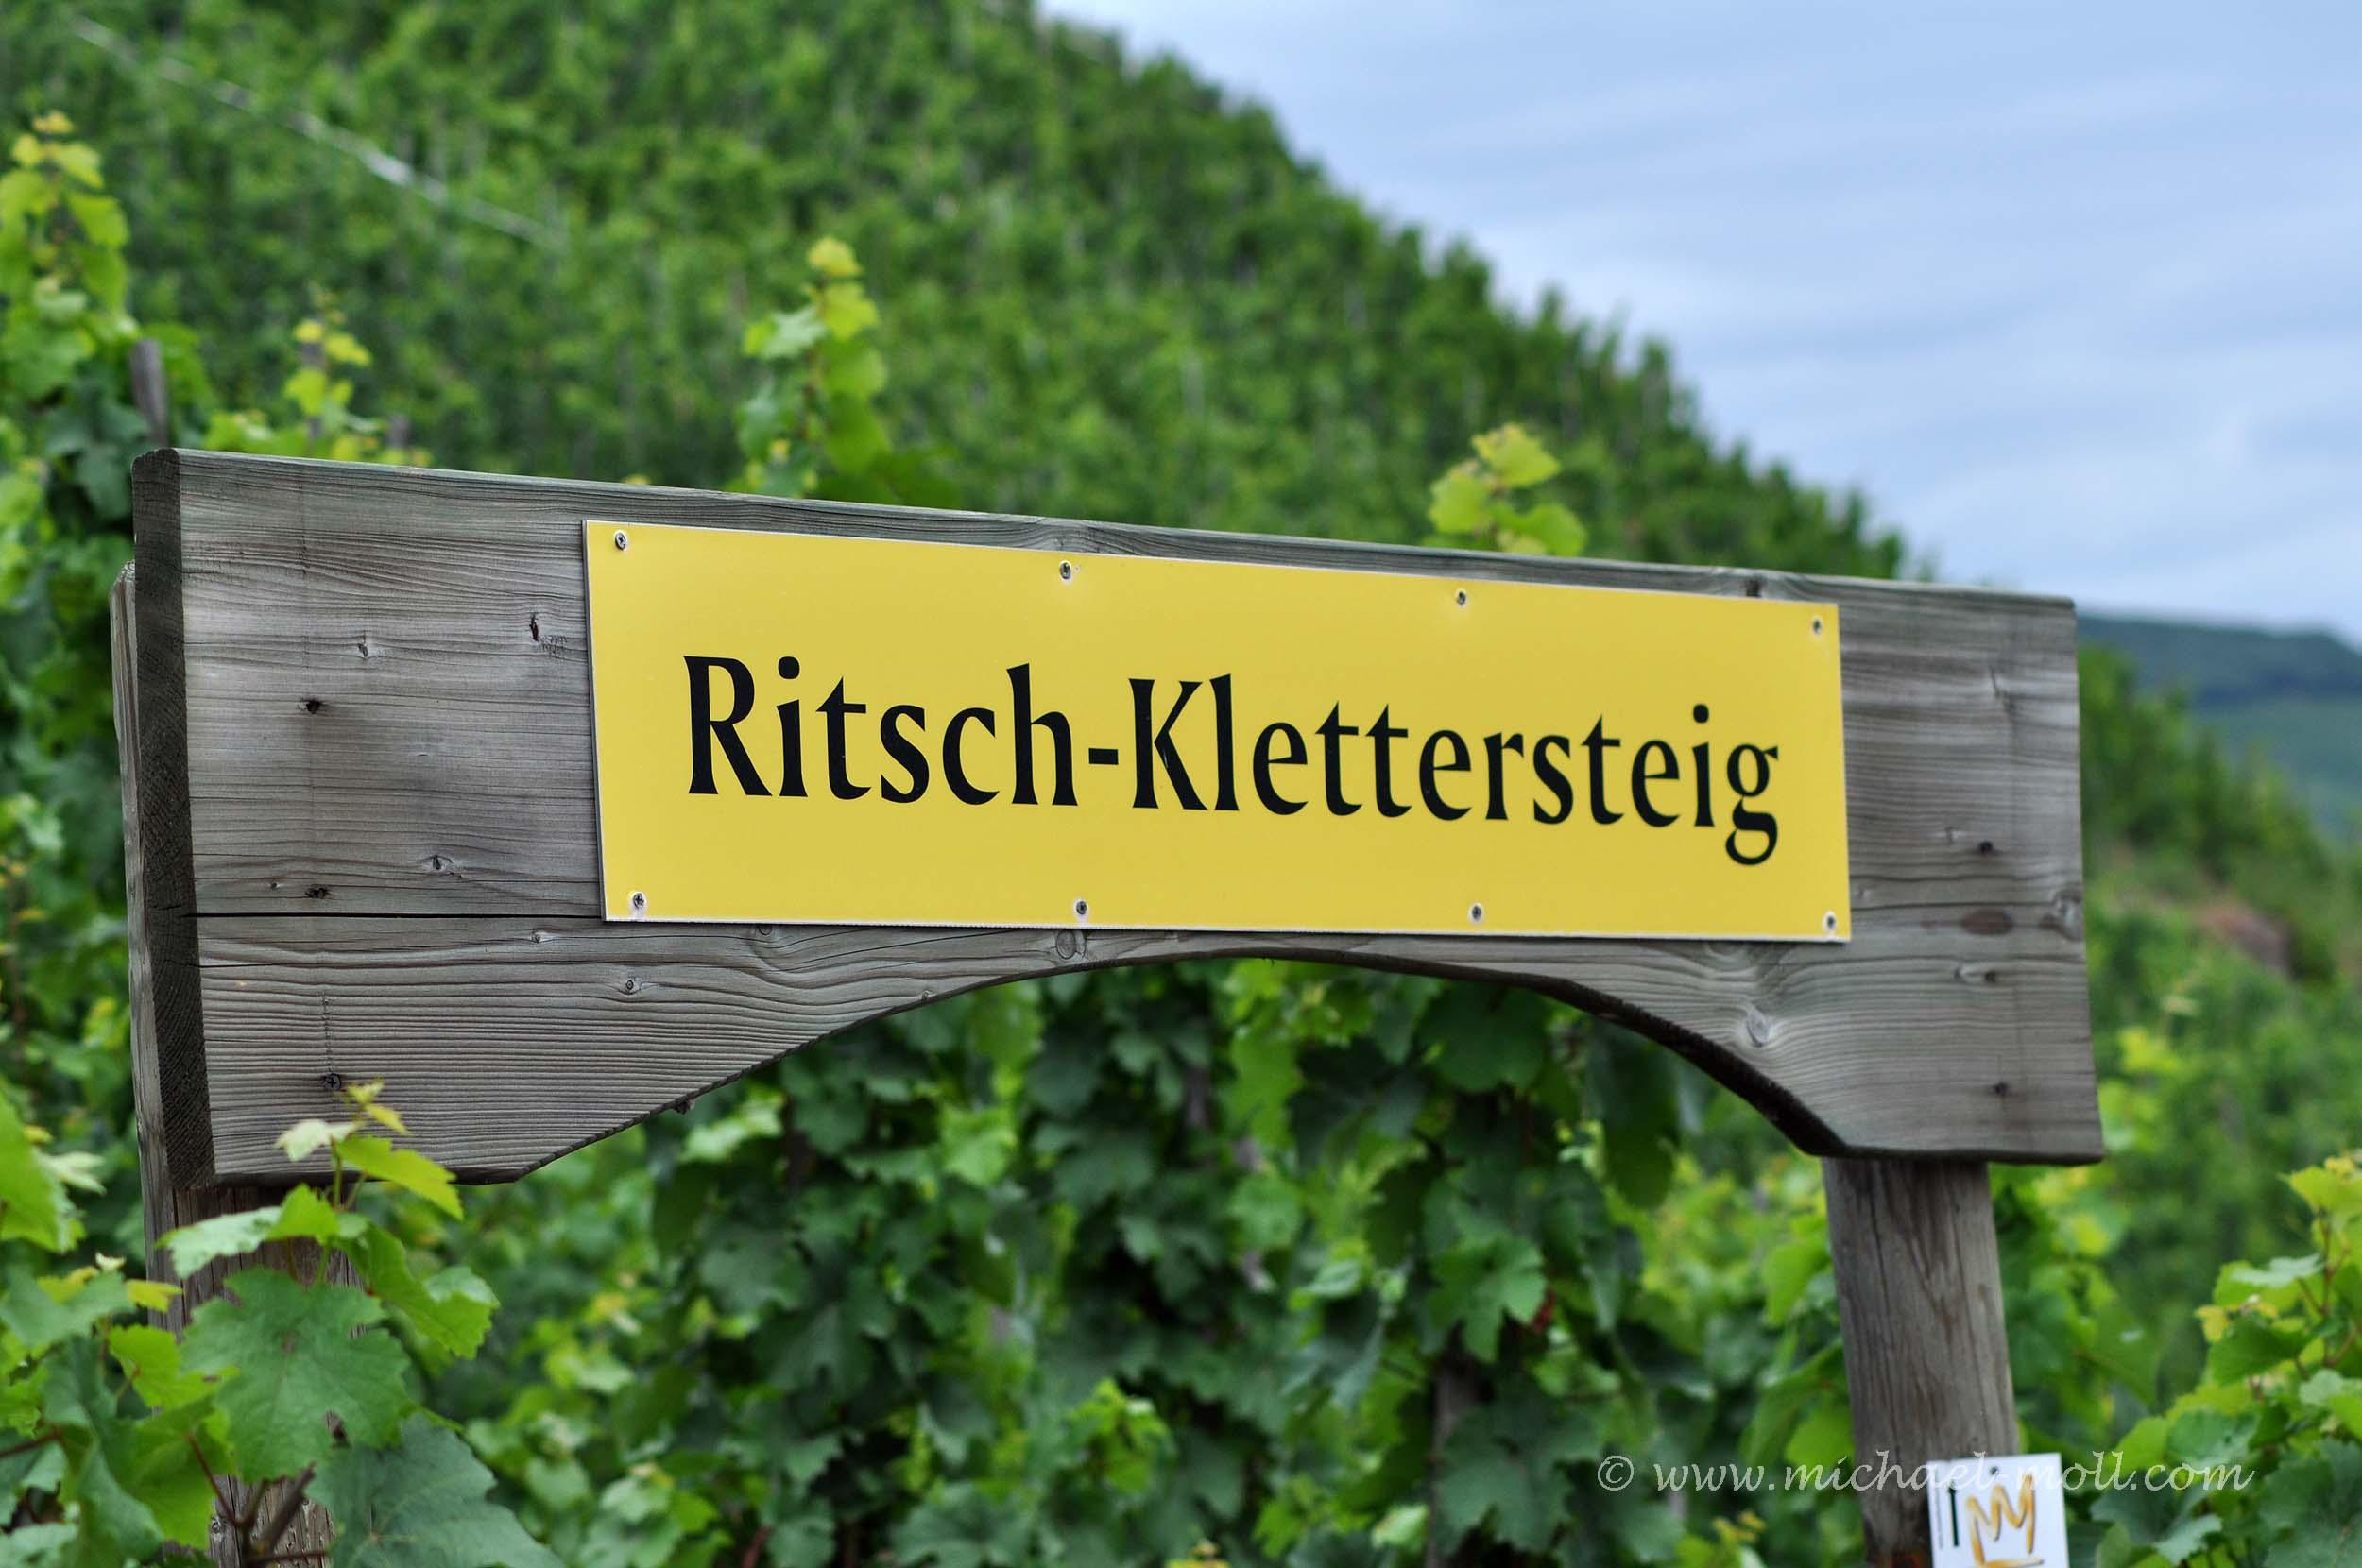 Ritsch-Klettersteig